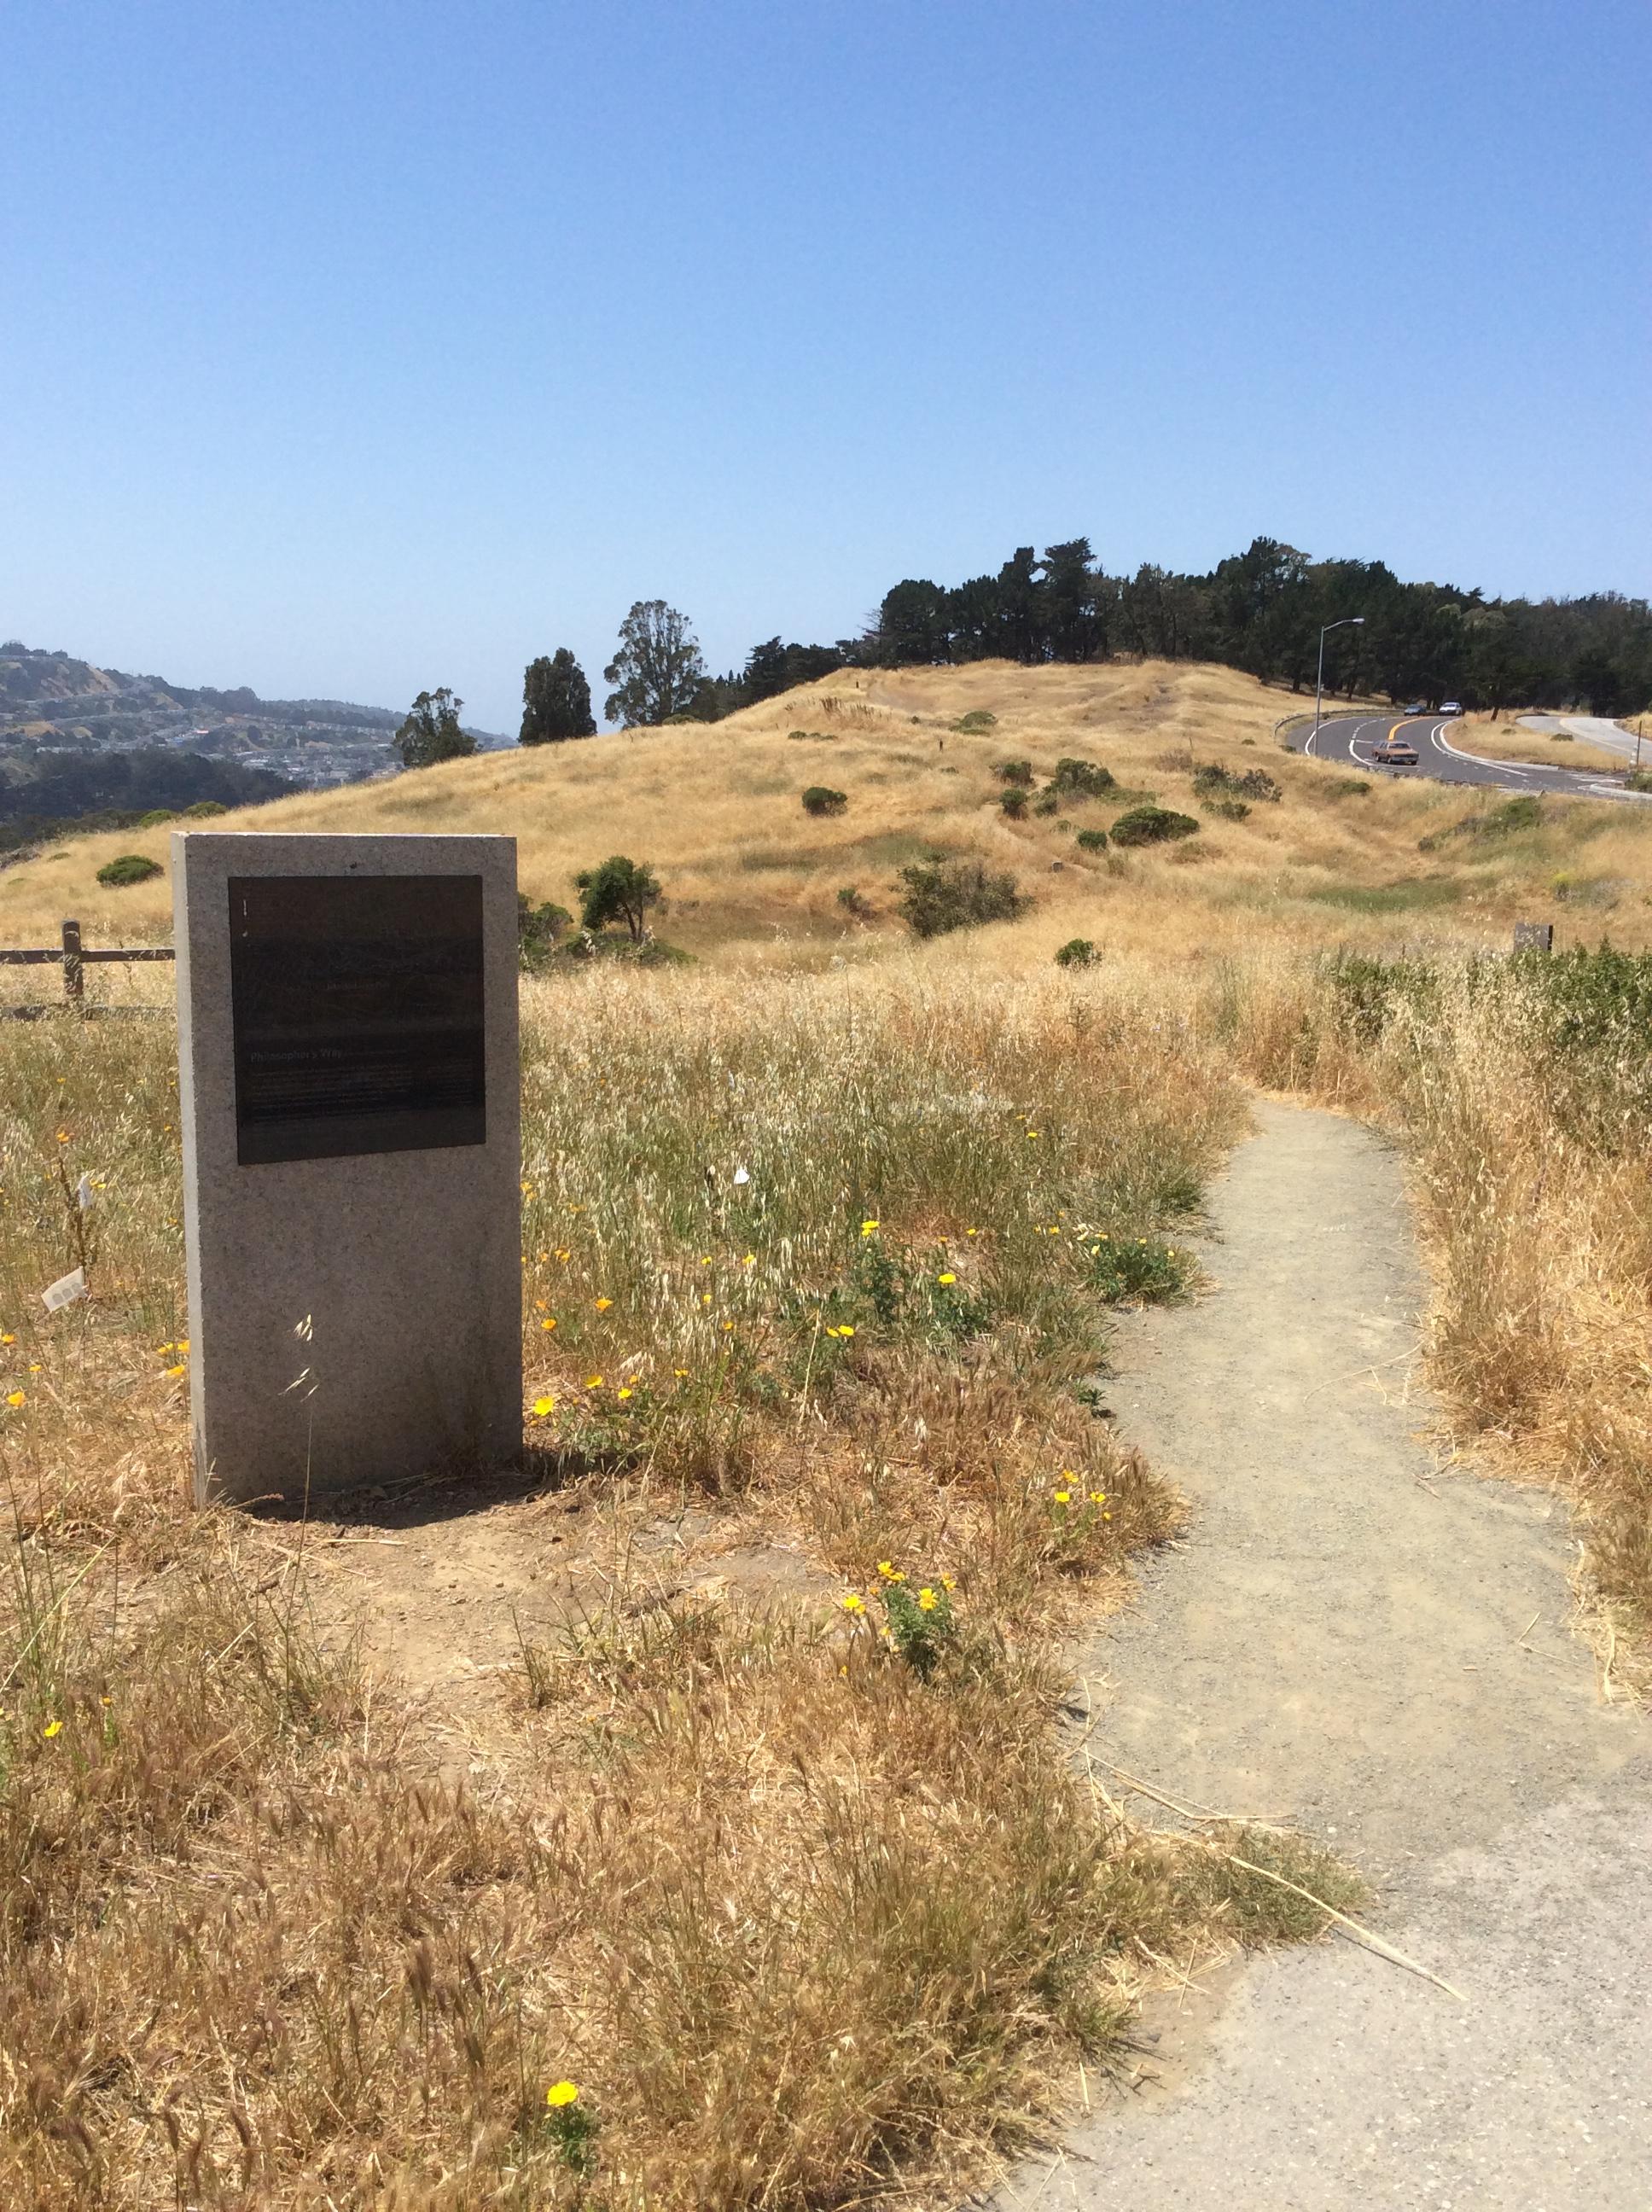 Philosopheru0027s Walk Entry Path, John McLaren Park, San Francisco